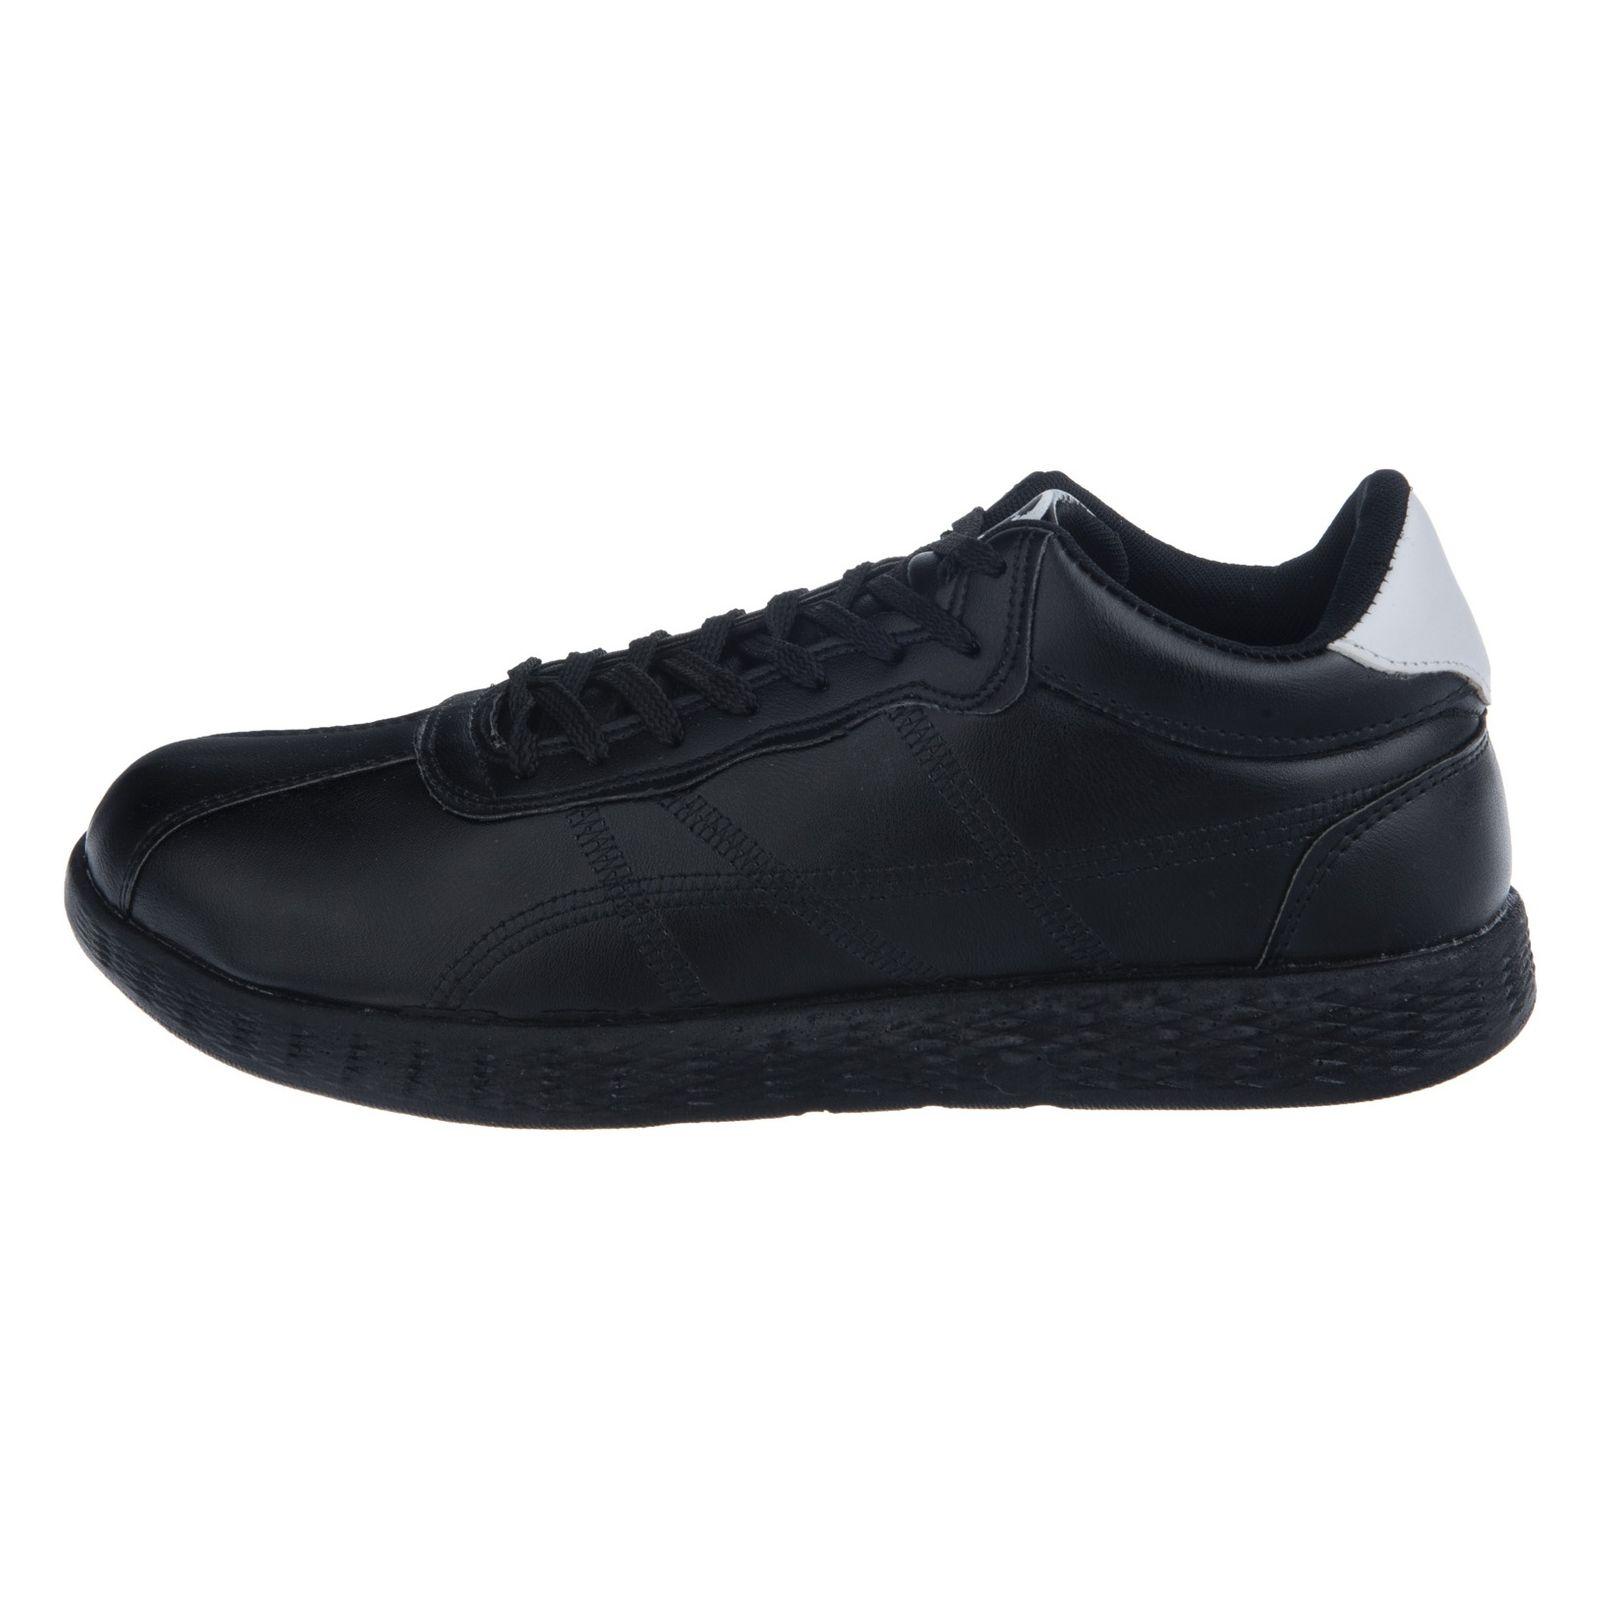 کفش ورزشی مردانه اسپرت من مدل 39785-1-1 main 1 1